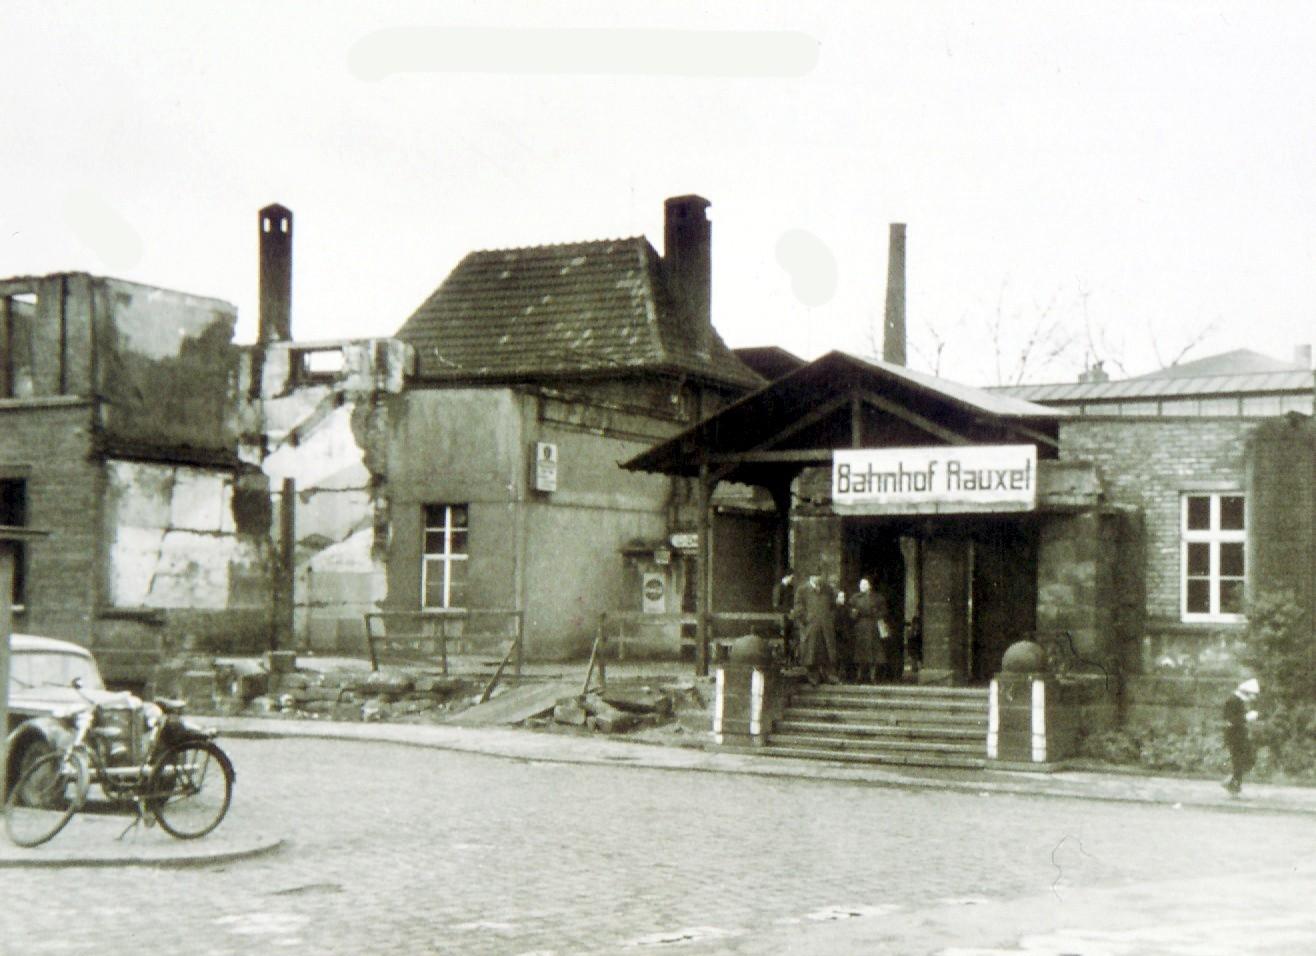 Hauptbahnhof Rauxel